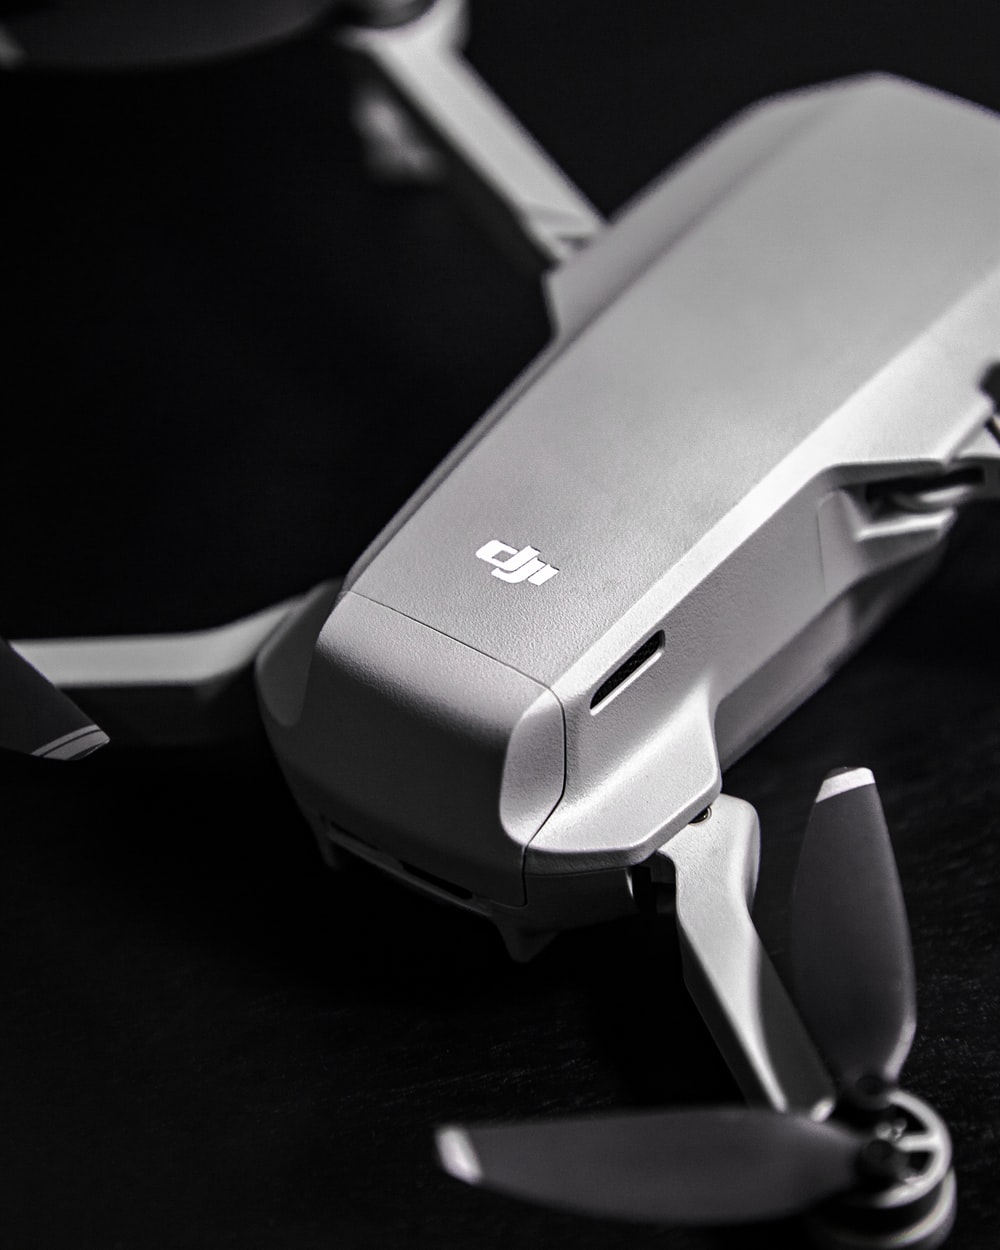 gray and white stapler on black wooden table